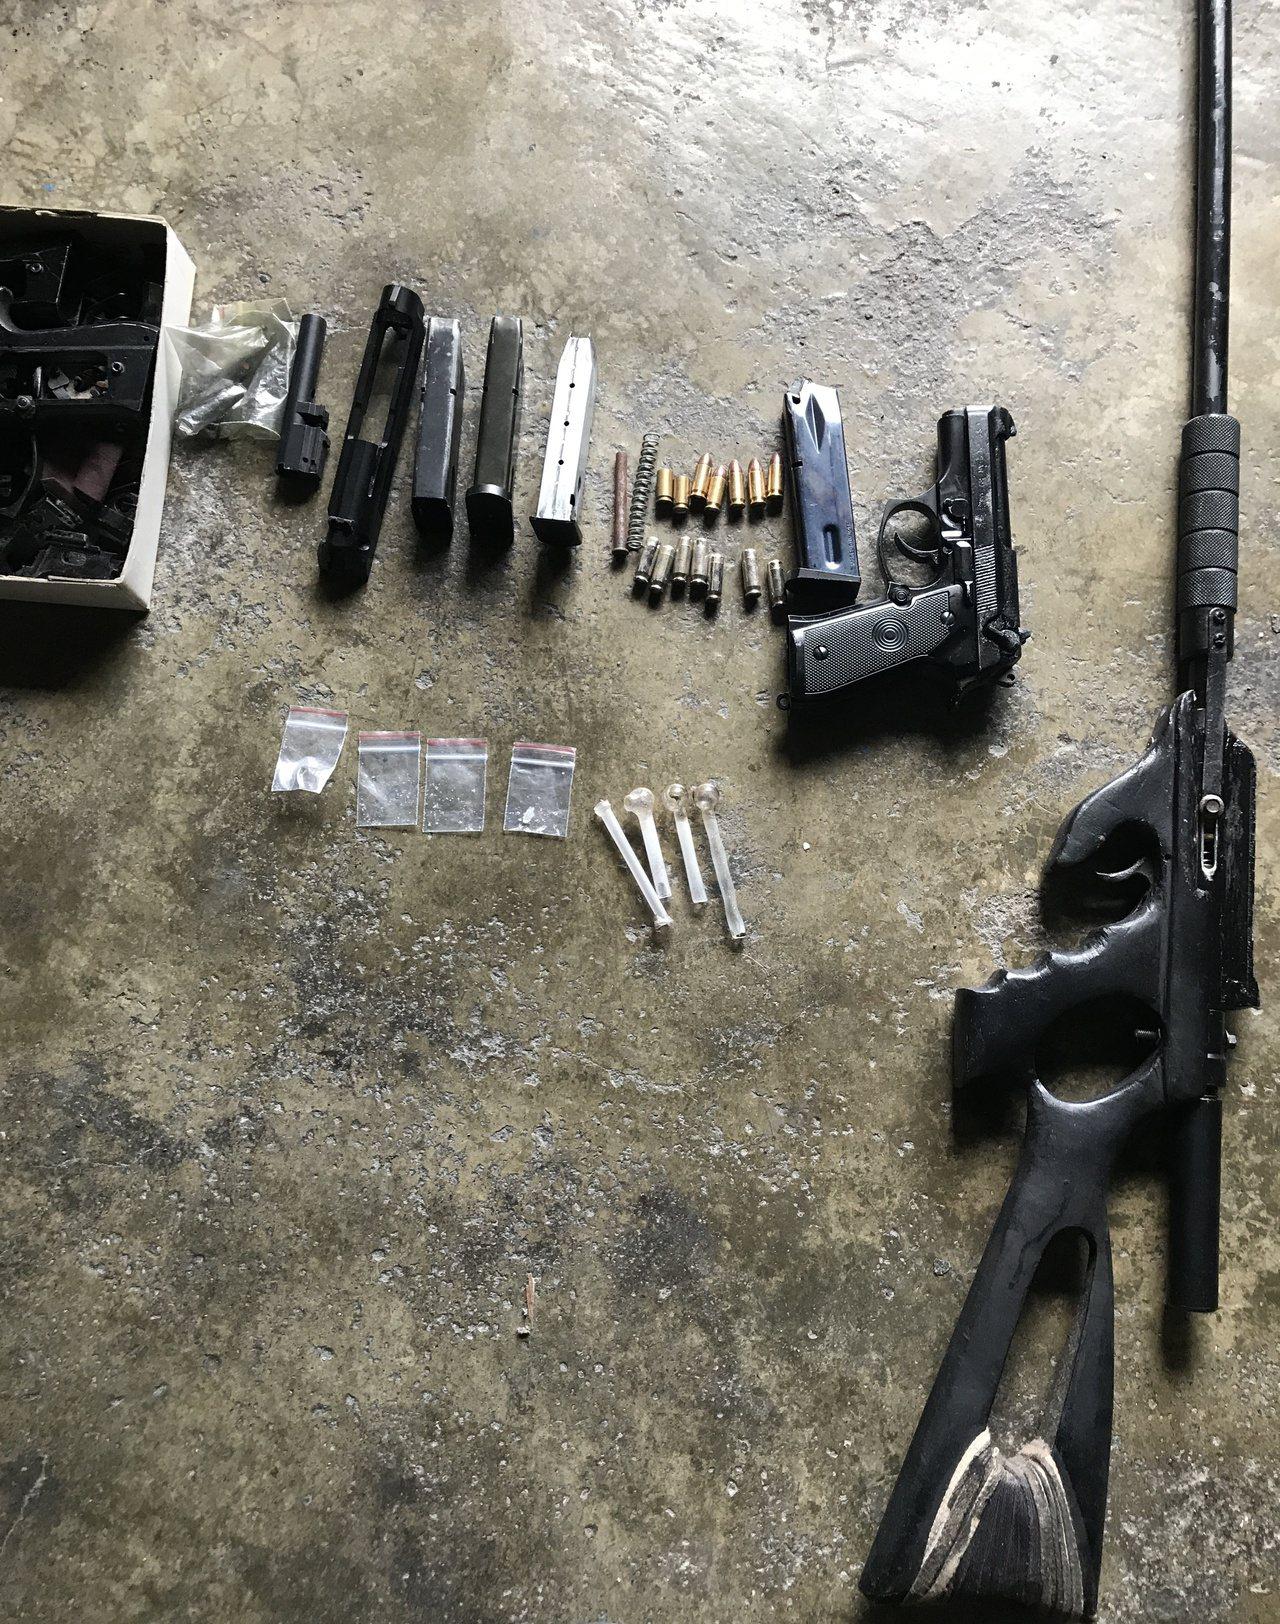 警方在廖男家中查獲空氣獵槍、改造槍枝。記者劉星君/翻攝